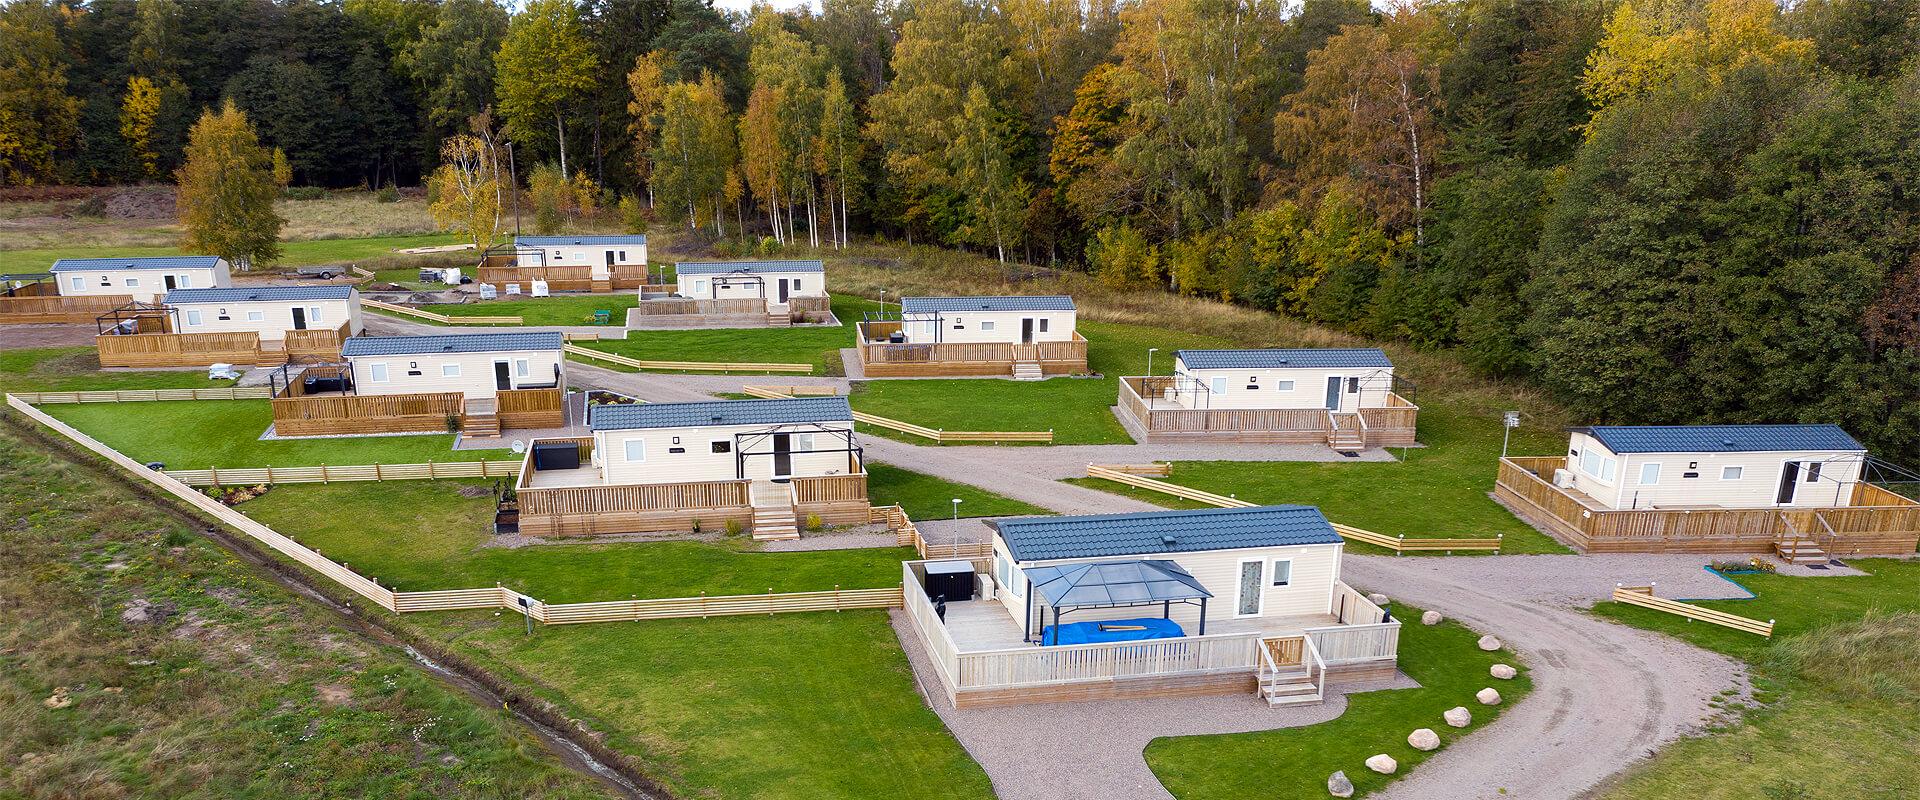 Villavagnsplatser